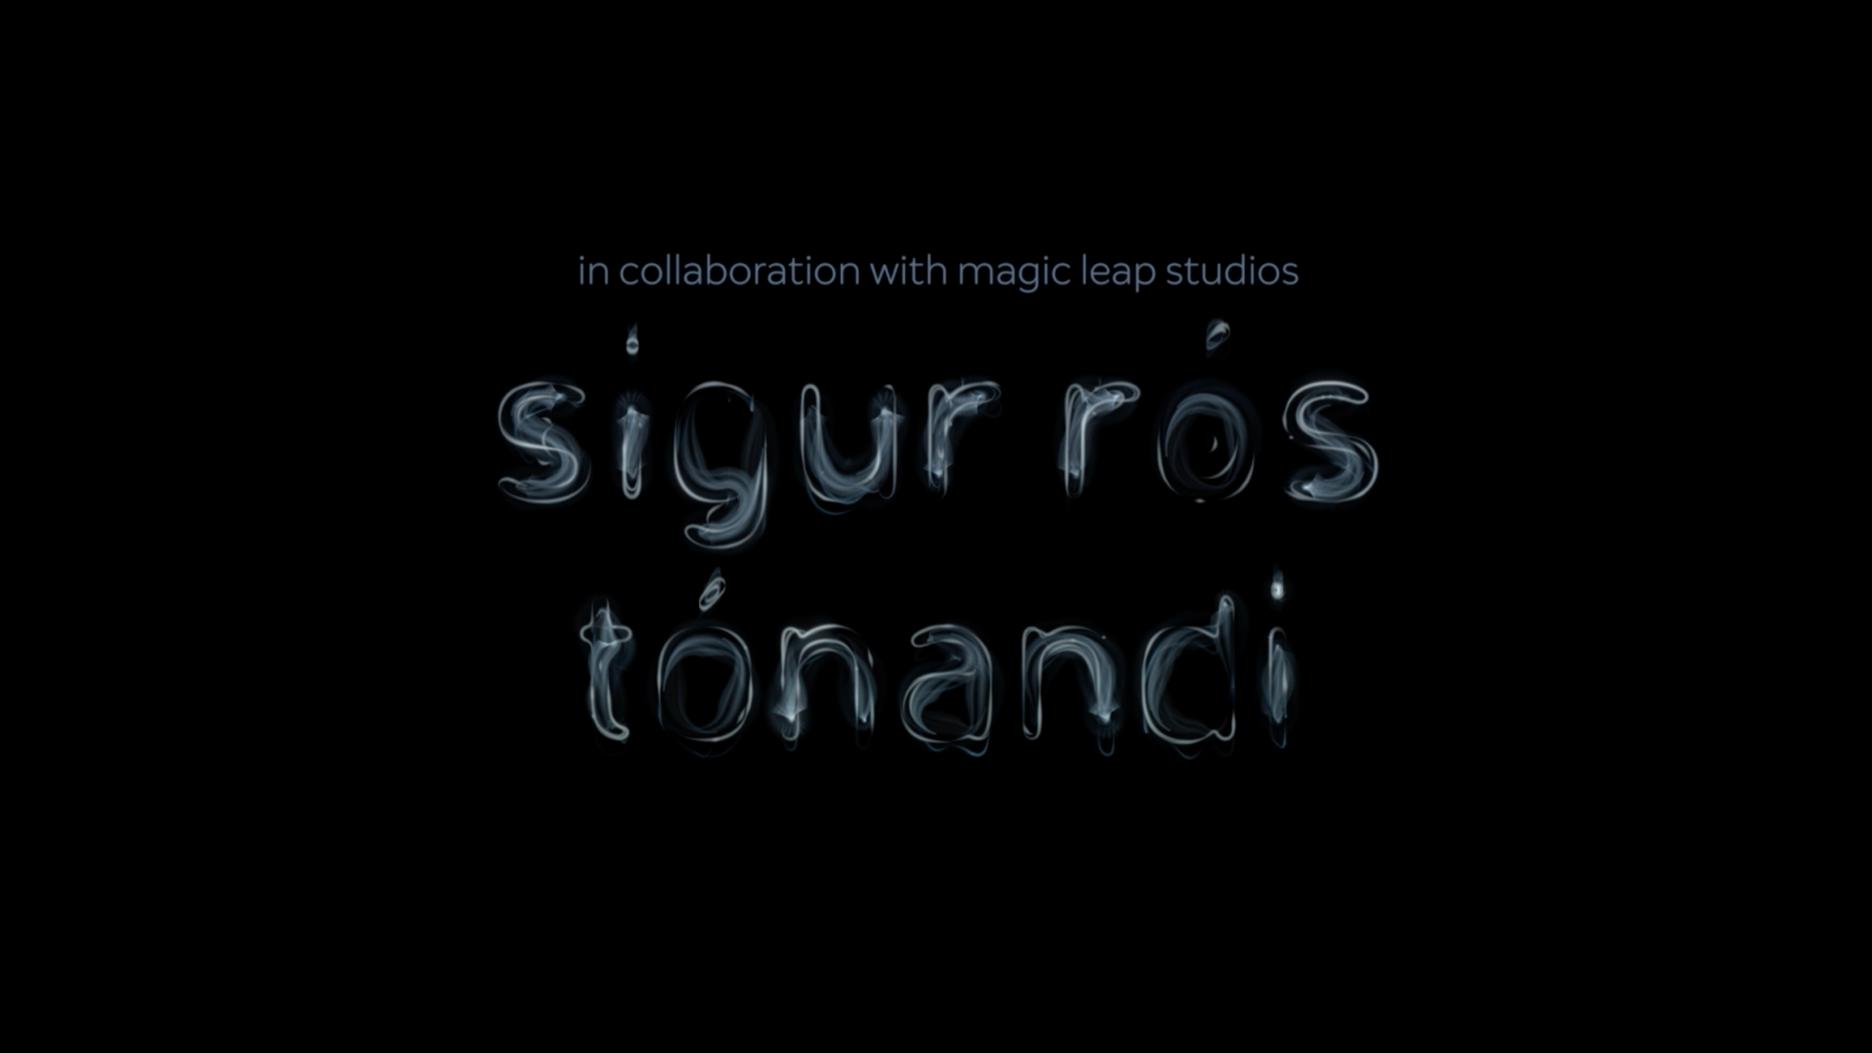 magic-leap-studios-tonandi-q-and-a